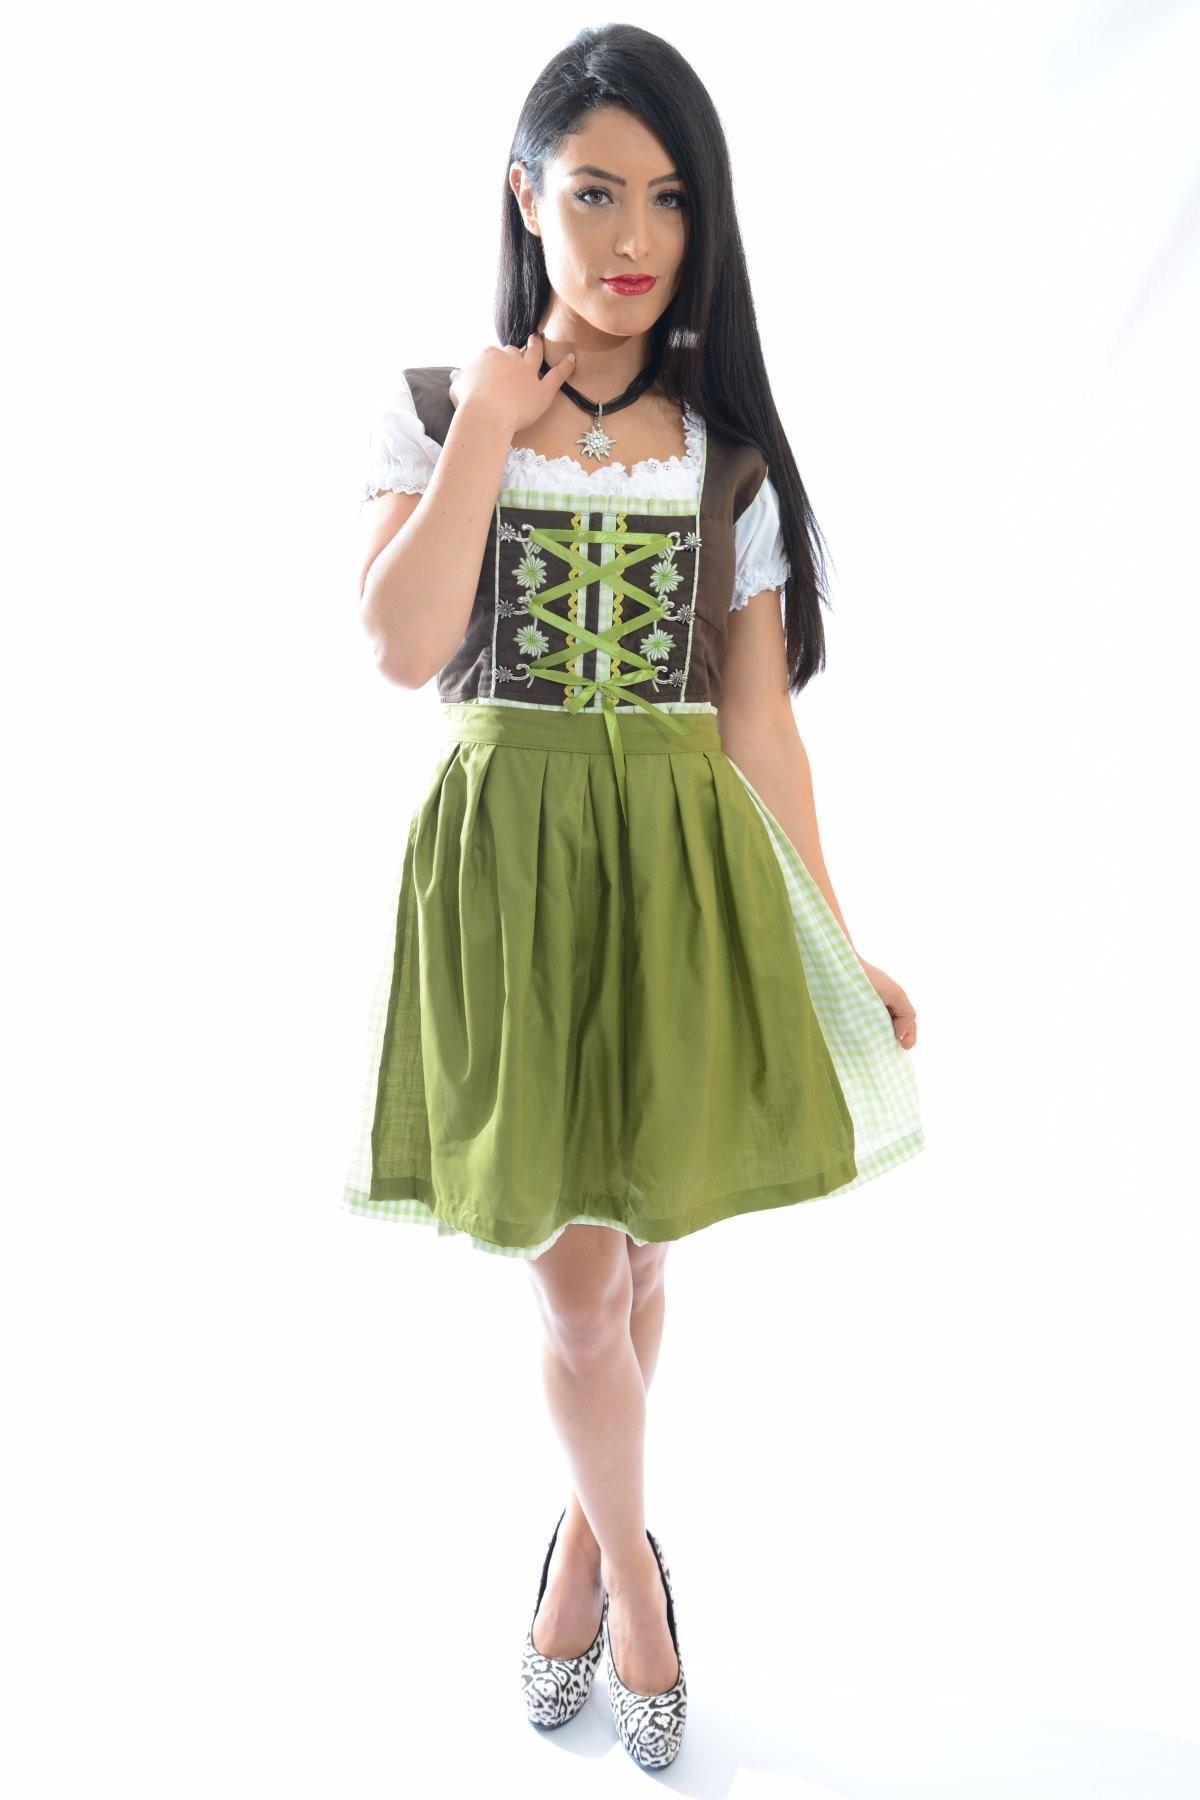 Dirndl almrausch dirndl dress dirndls dirndl German fashion and style house